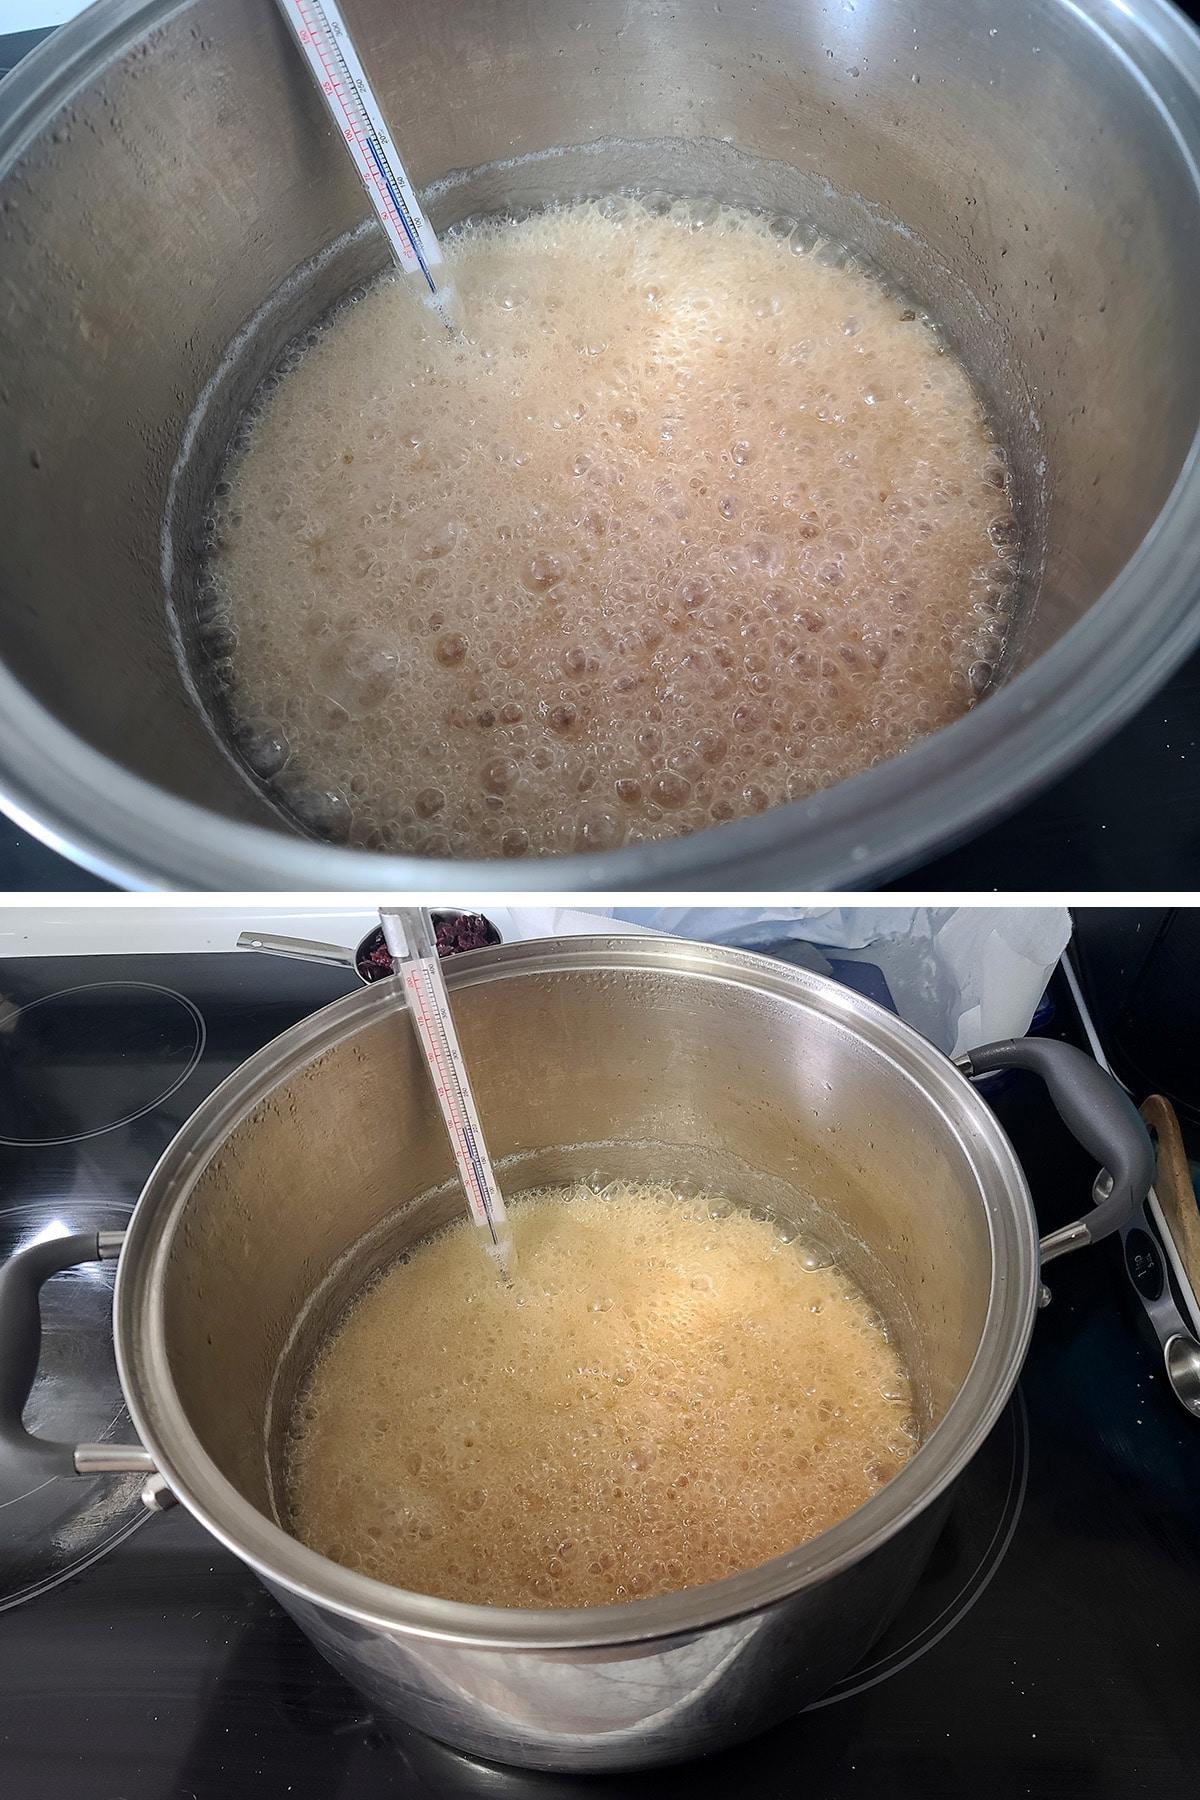 The fudge mixture boiling in a big pot.